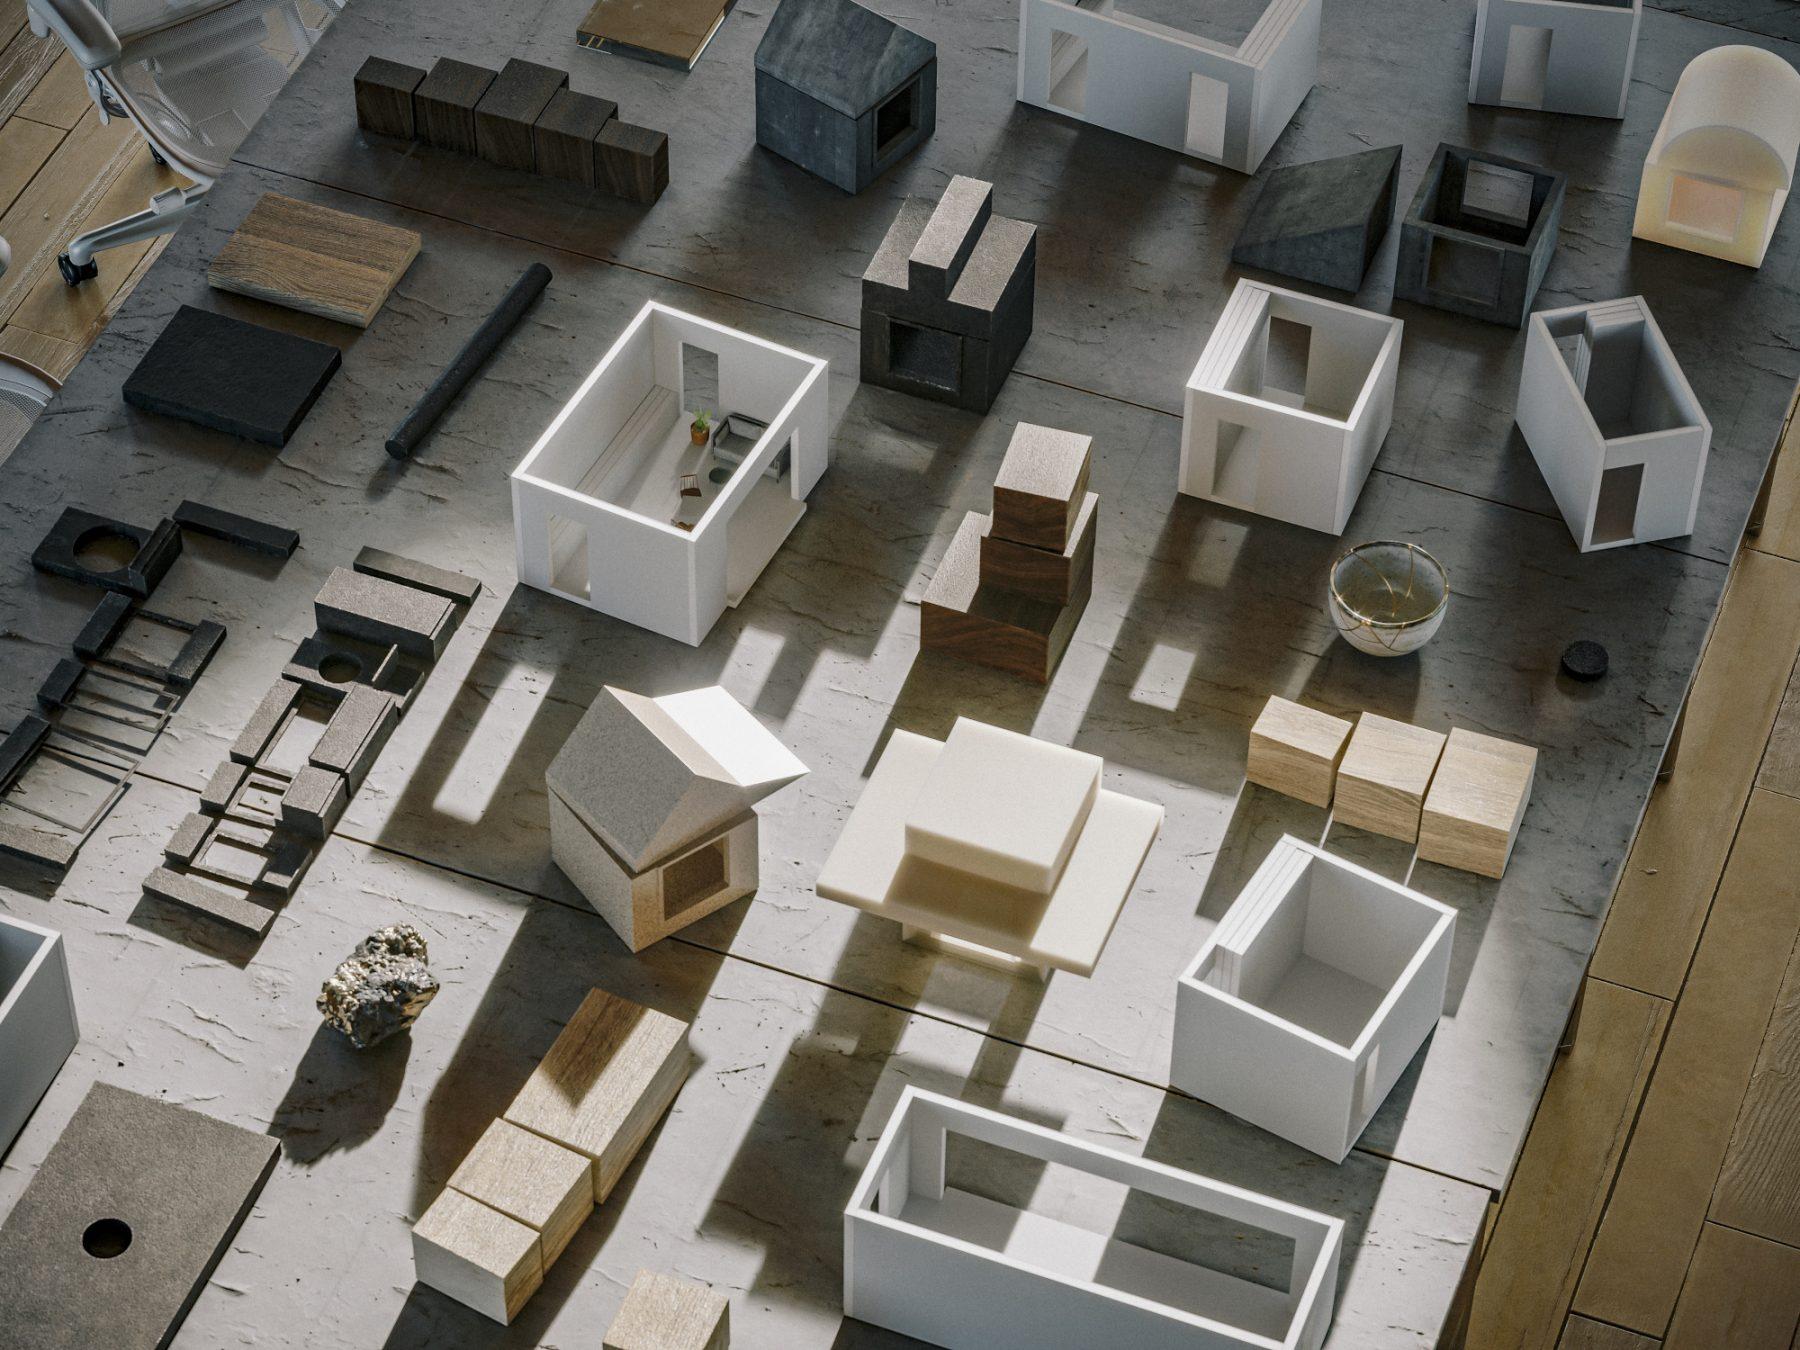 První návrhy, jak by mohly komplexy v rámci projektu Backyard vypadat